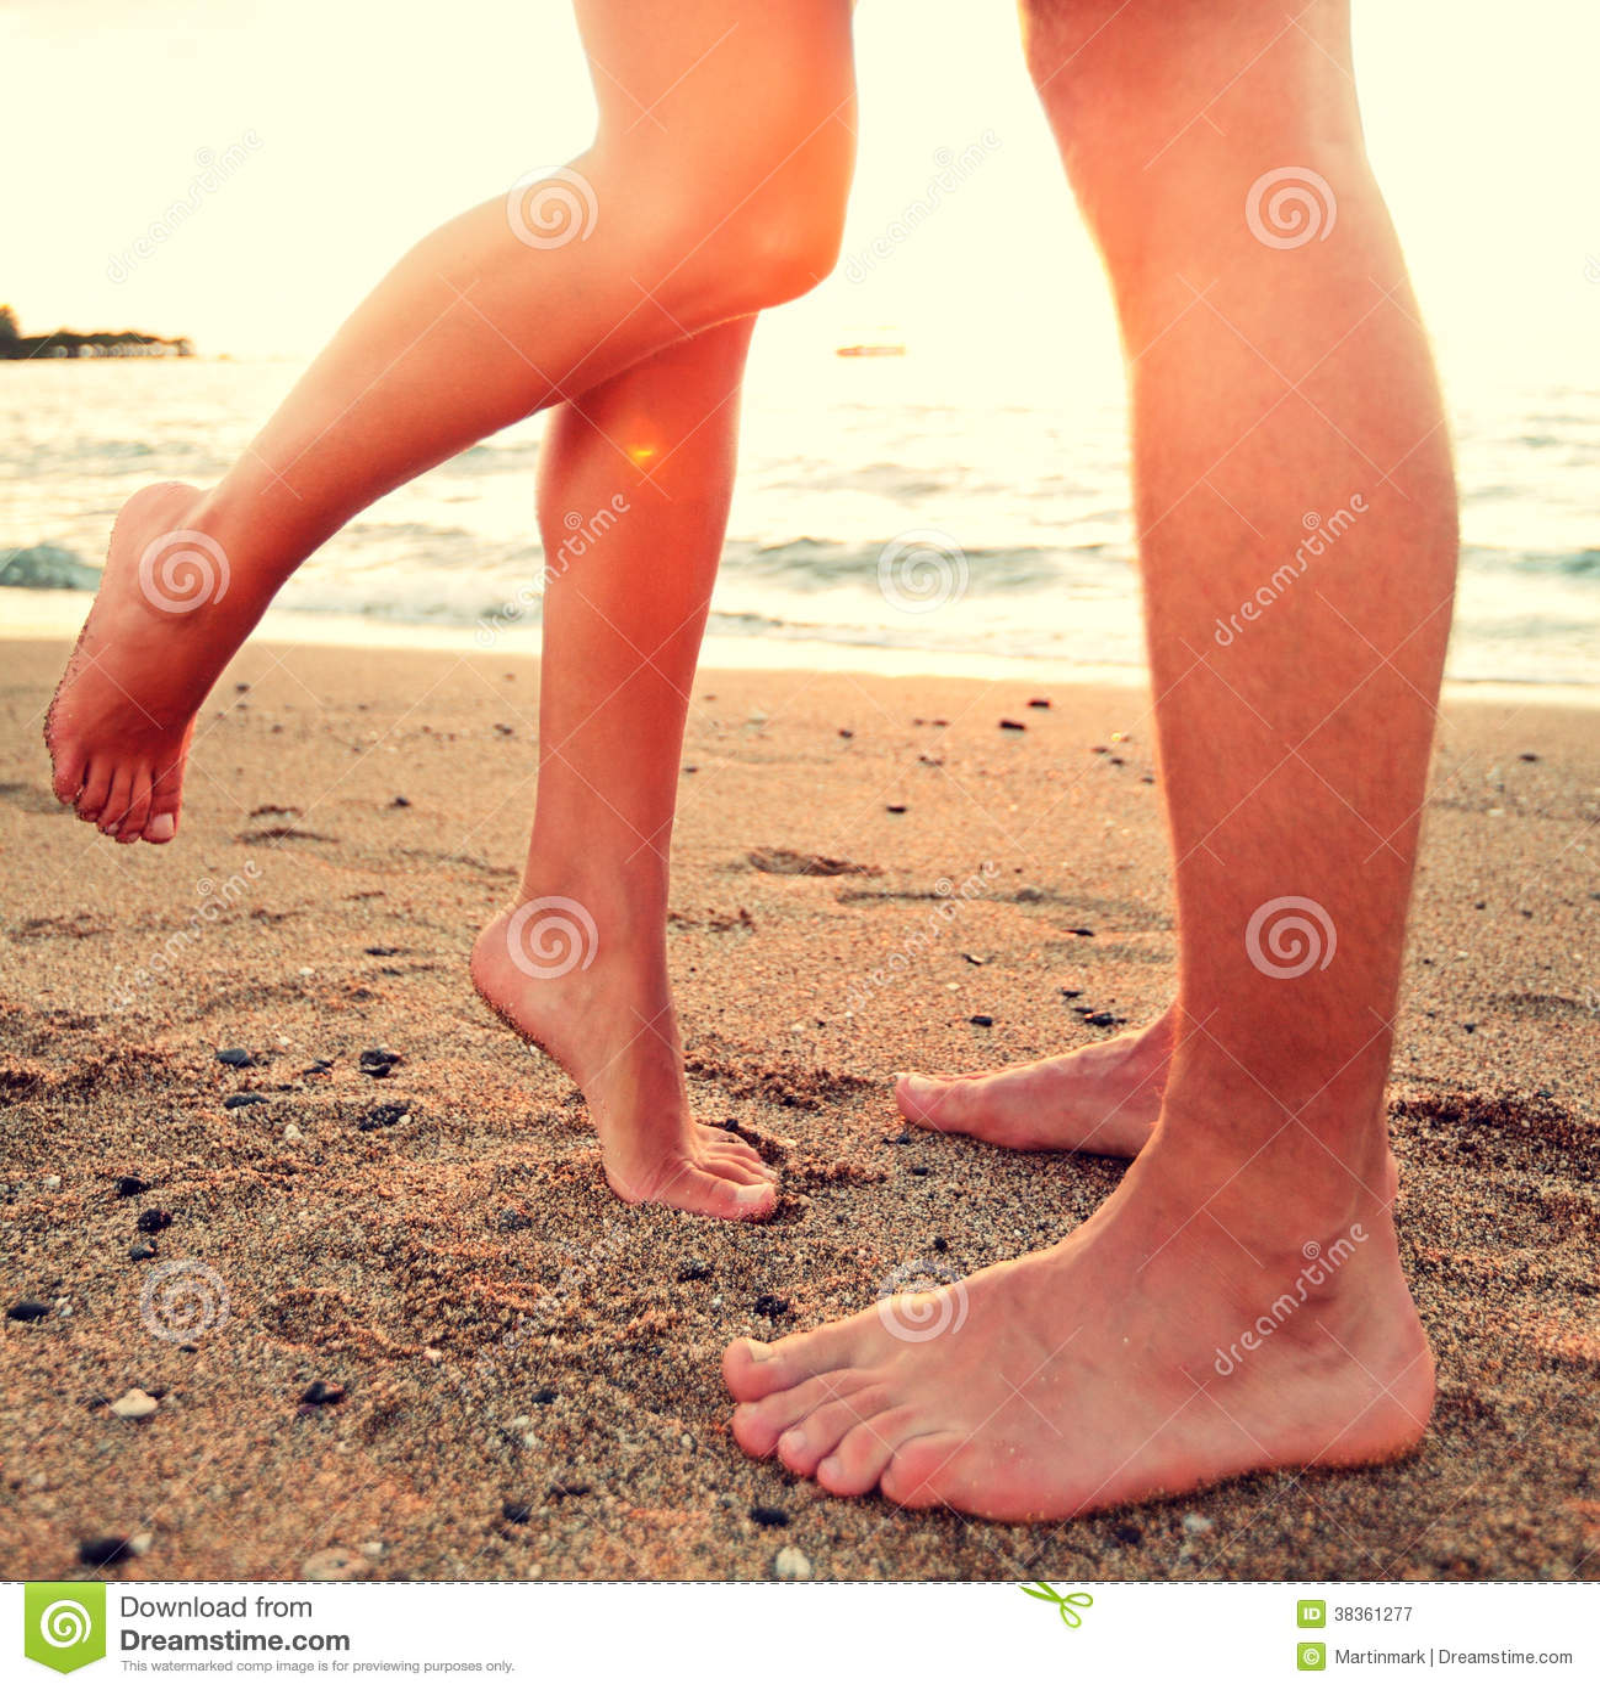 Раскрытые ноги фото 8 фотография